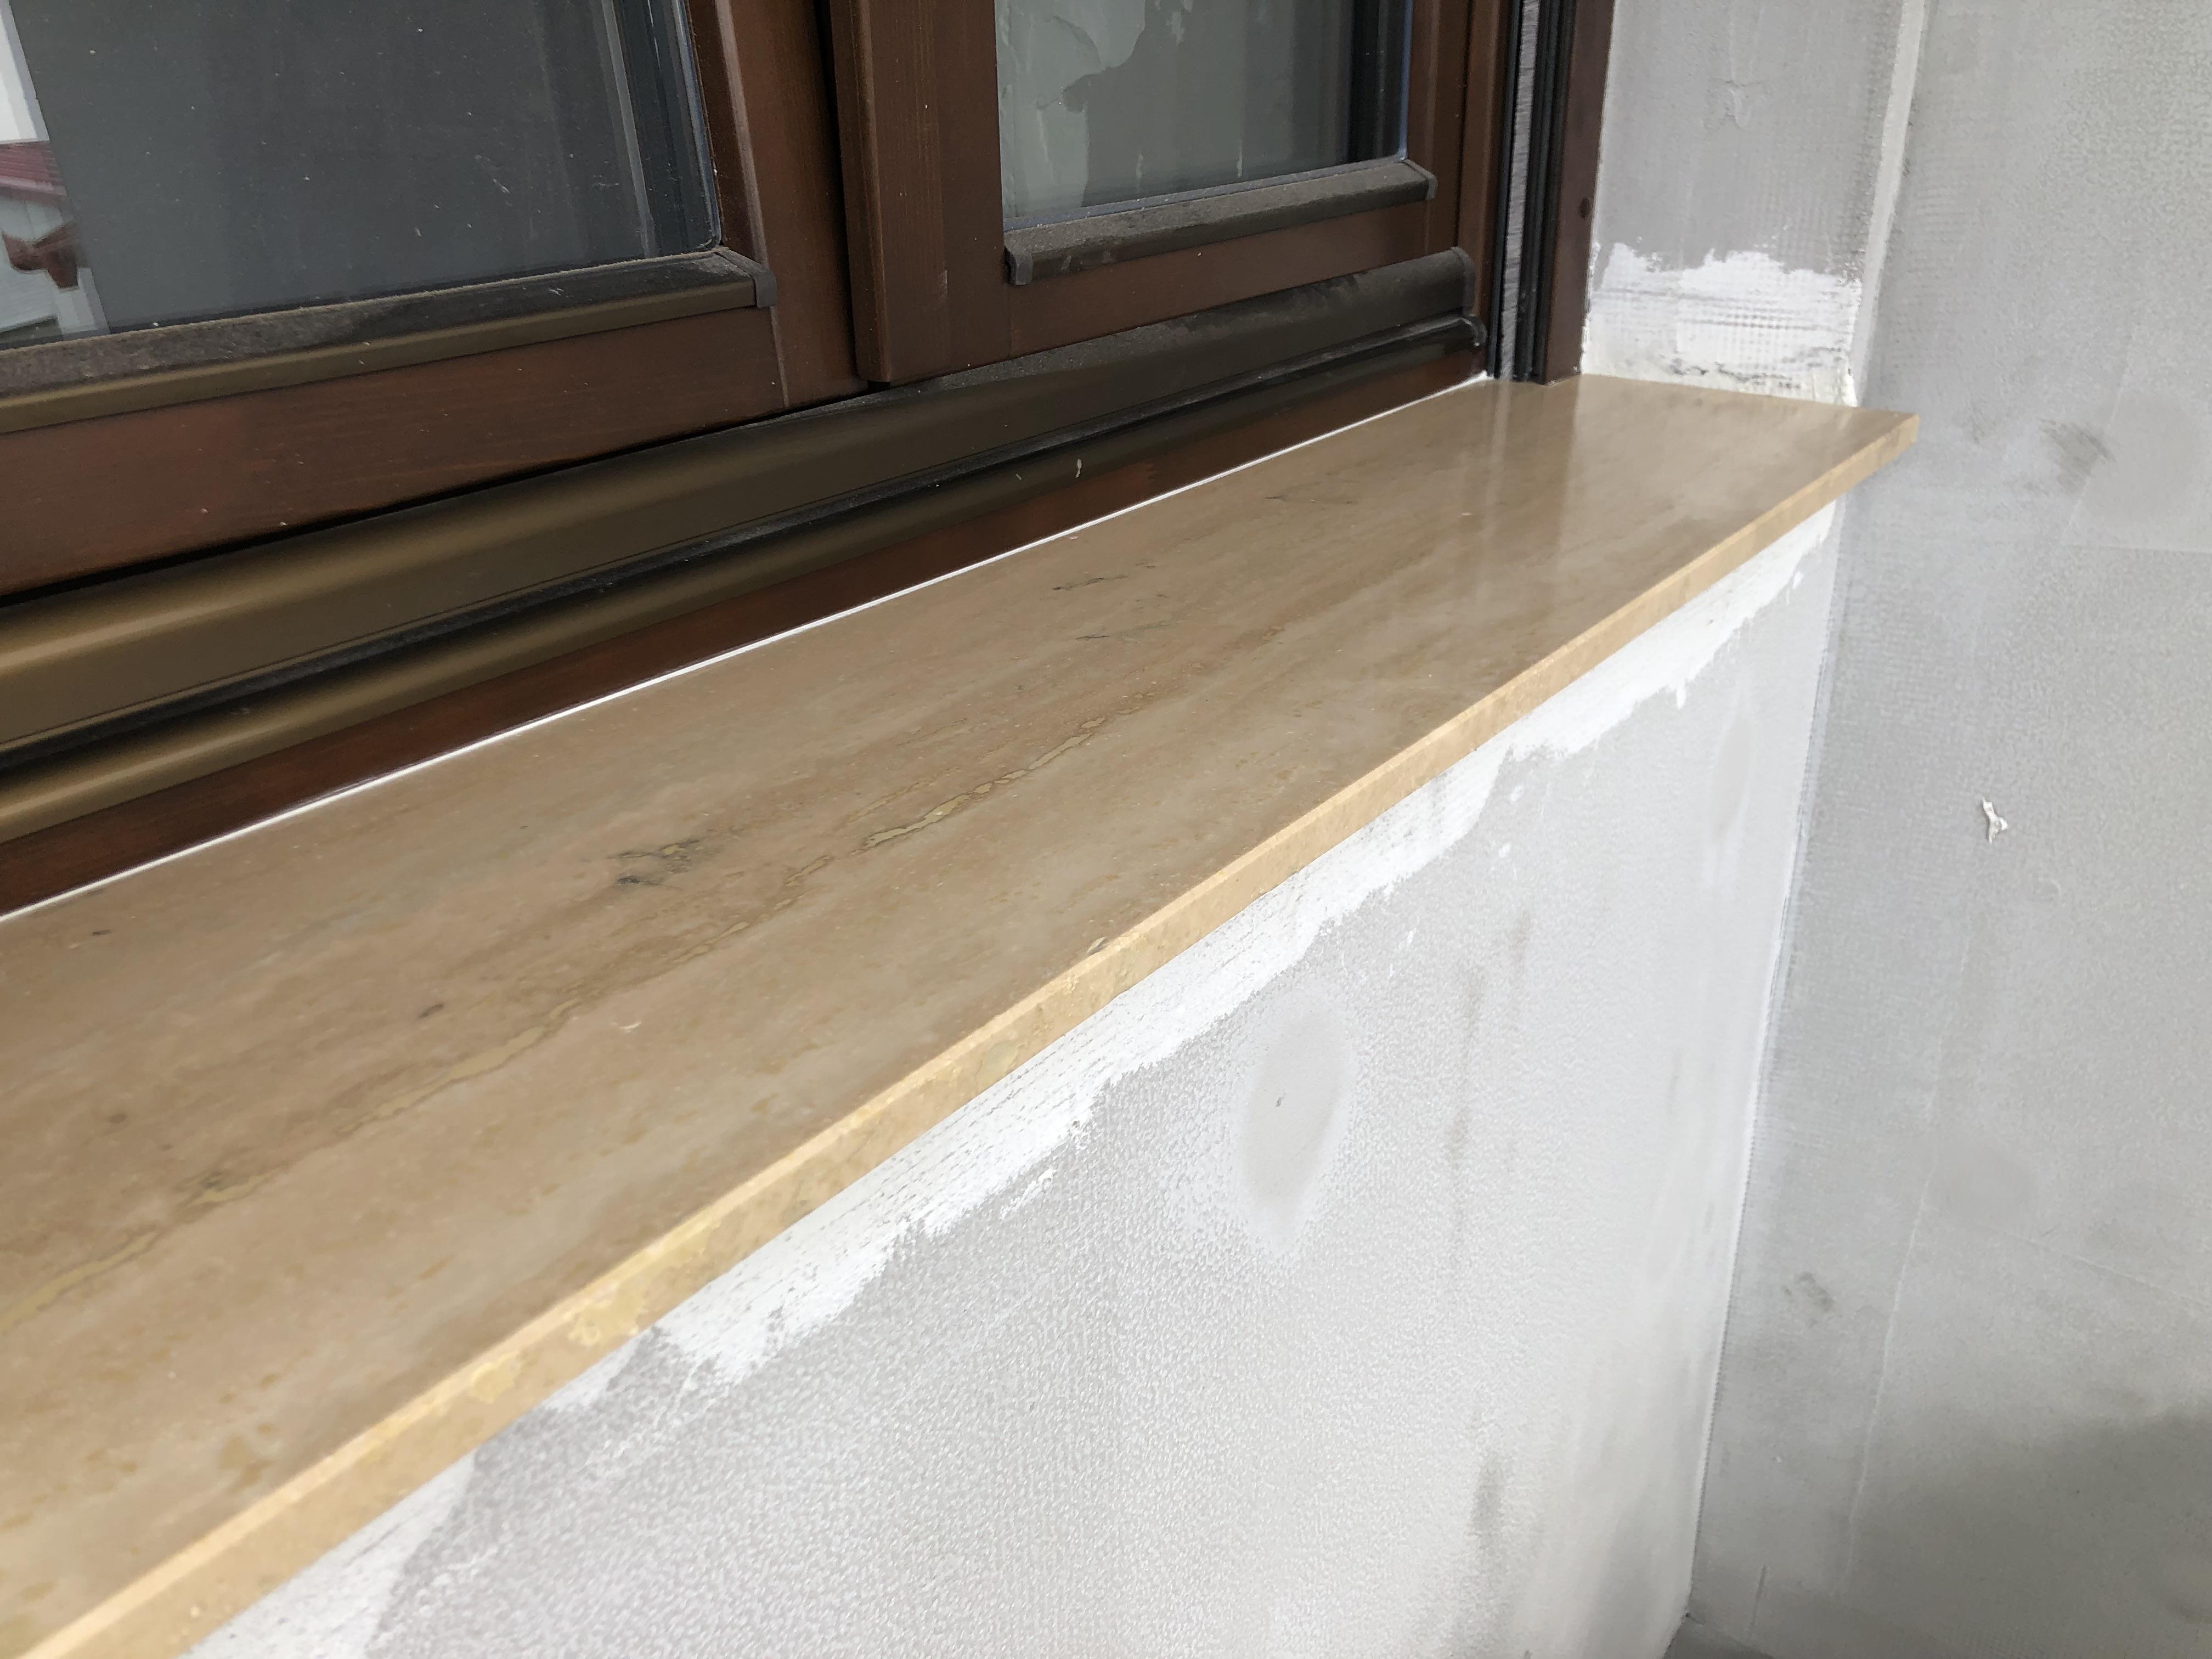 Kültéri ablakpárkány Travertin 2cm vastagságú anyagból